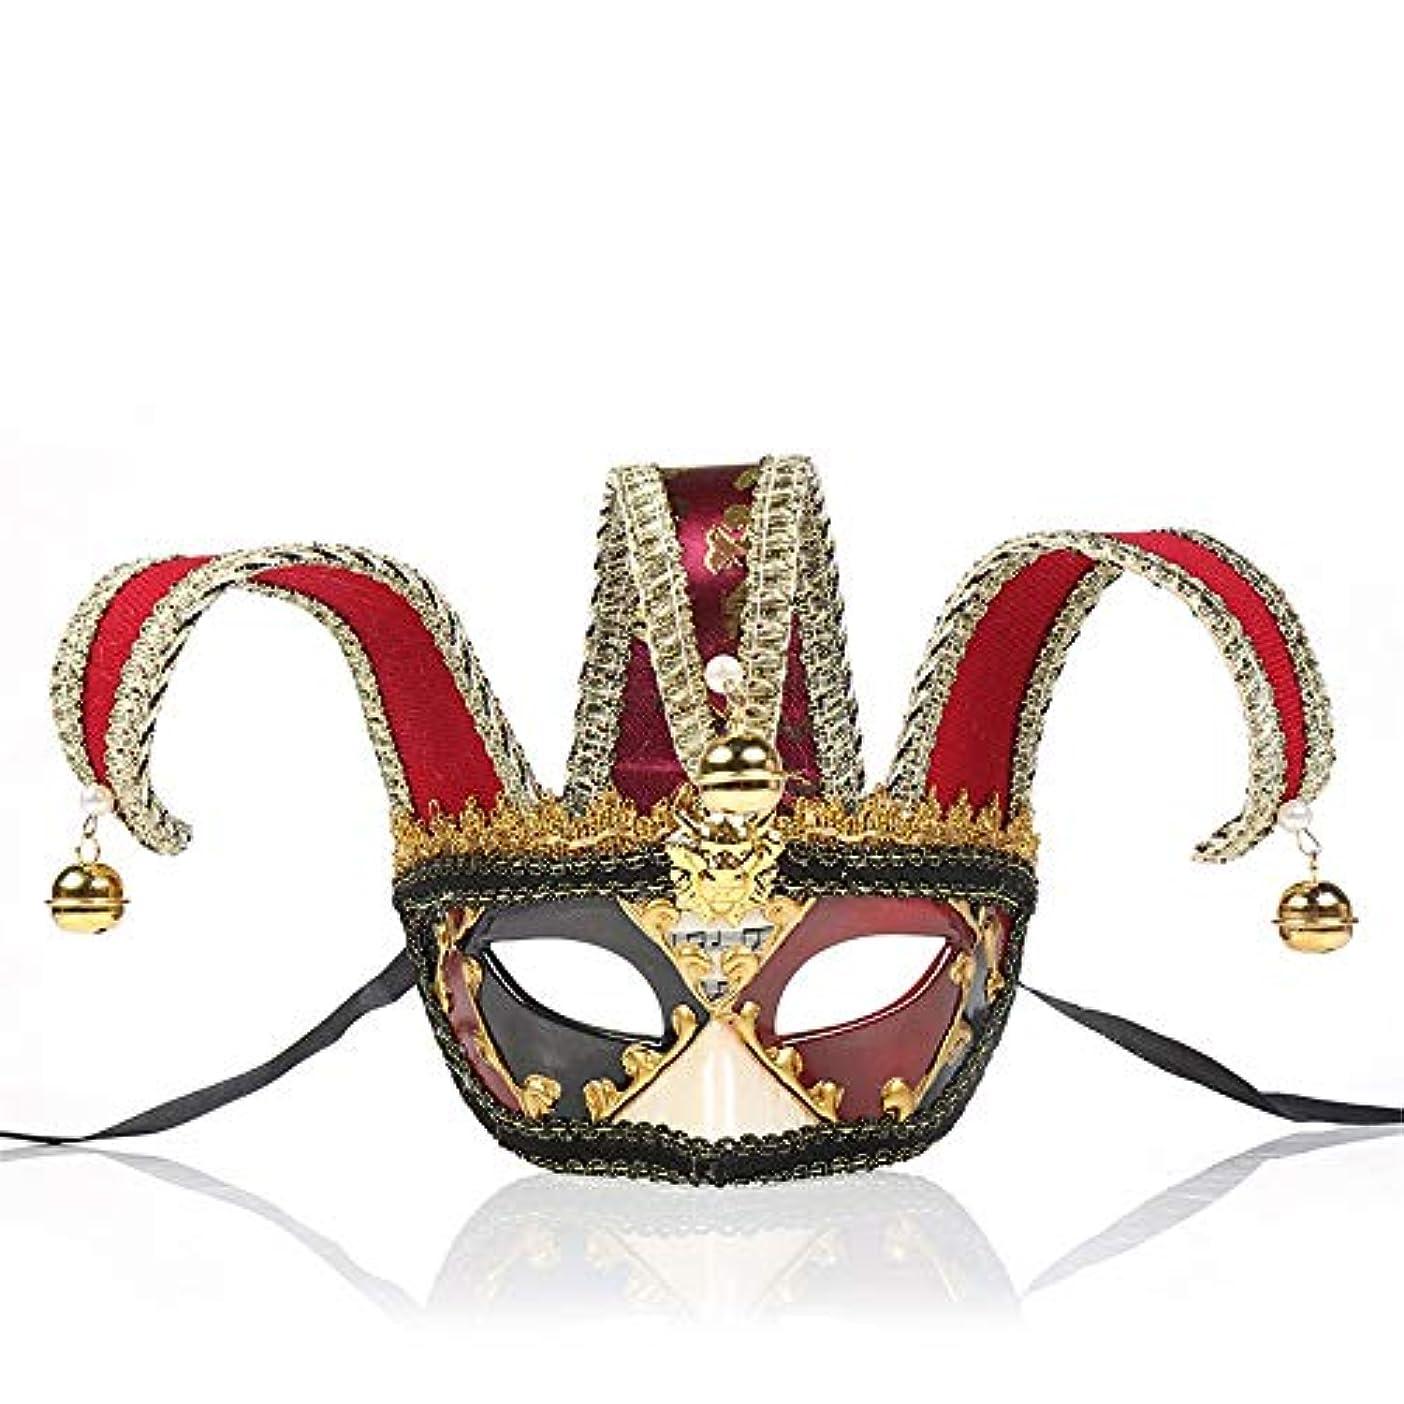 それによって一時停止民間ダンスマスク 若者の少女ハロウィーンギフトレトロマスクホット販売マスカレードロールプレイング装飾 パーティーボールマスク (色 : 赤, サイズ : 28x16.5cm)